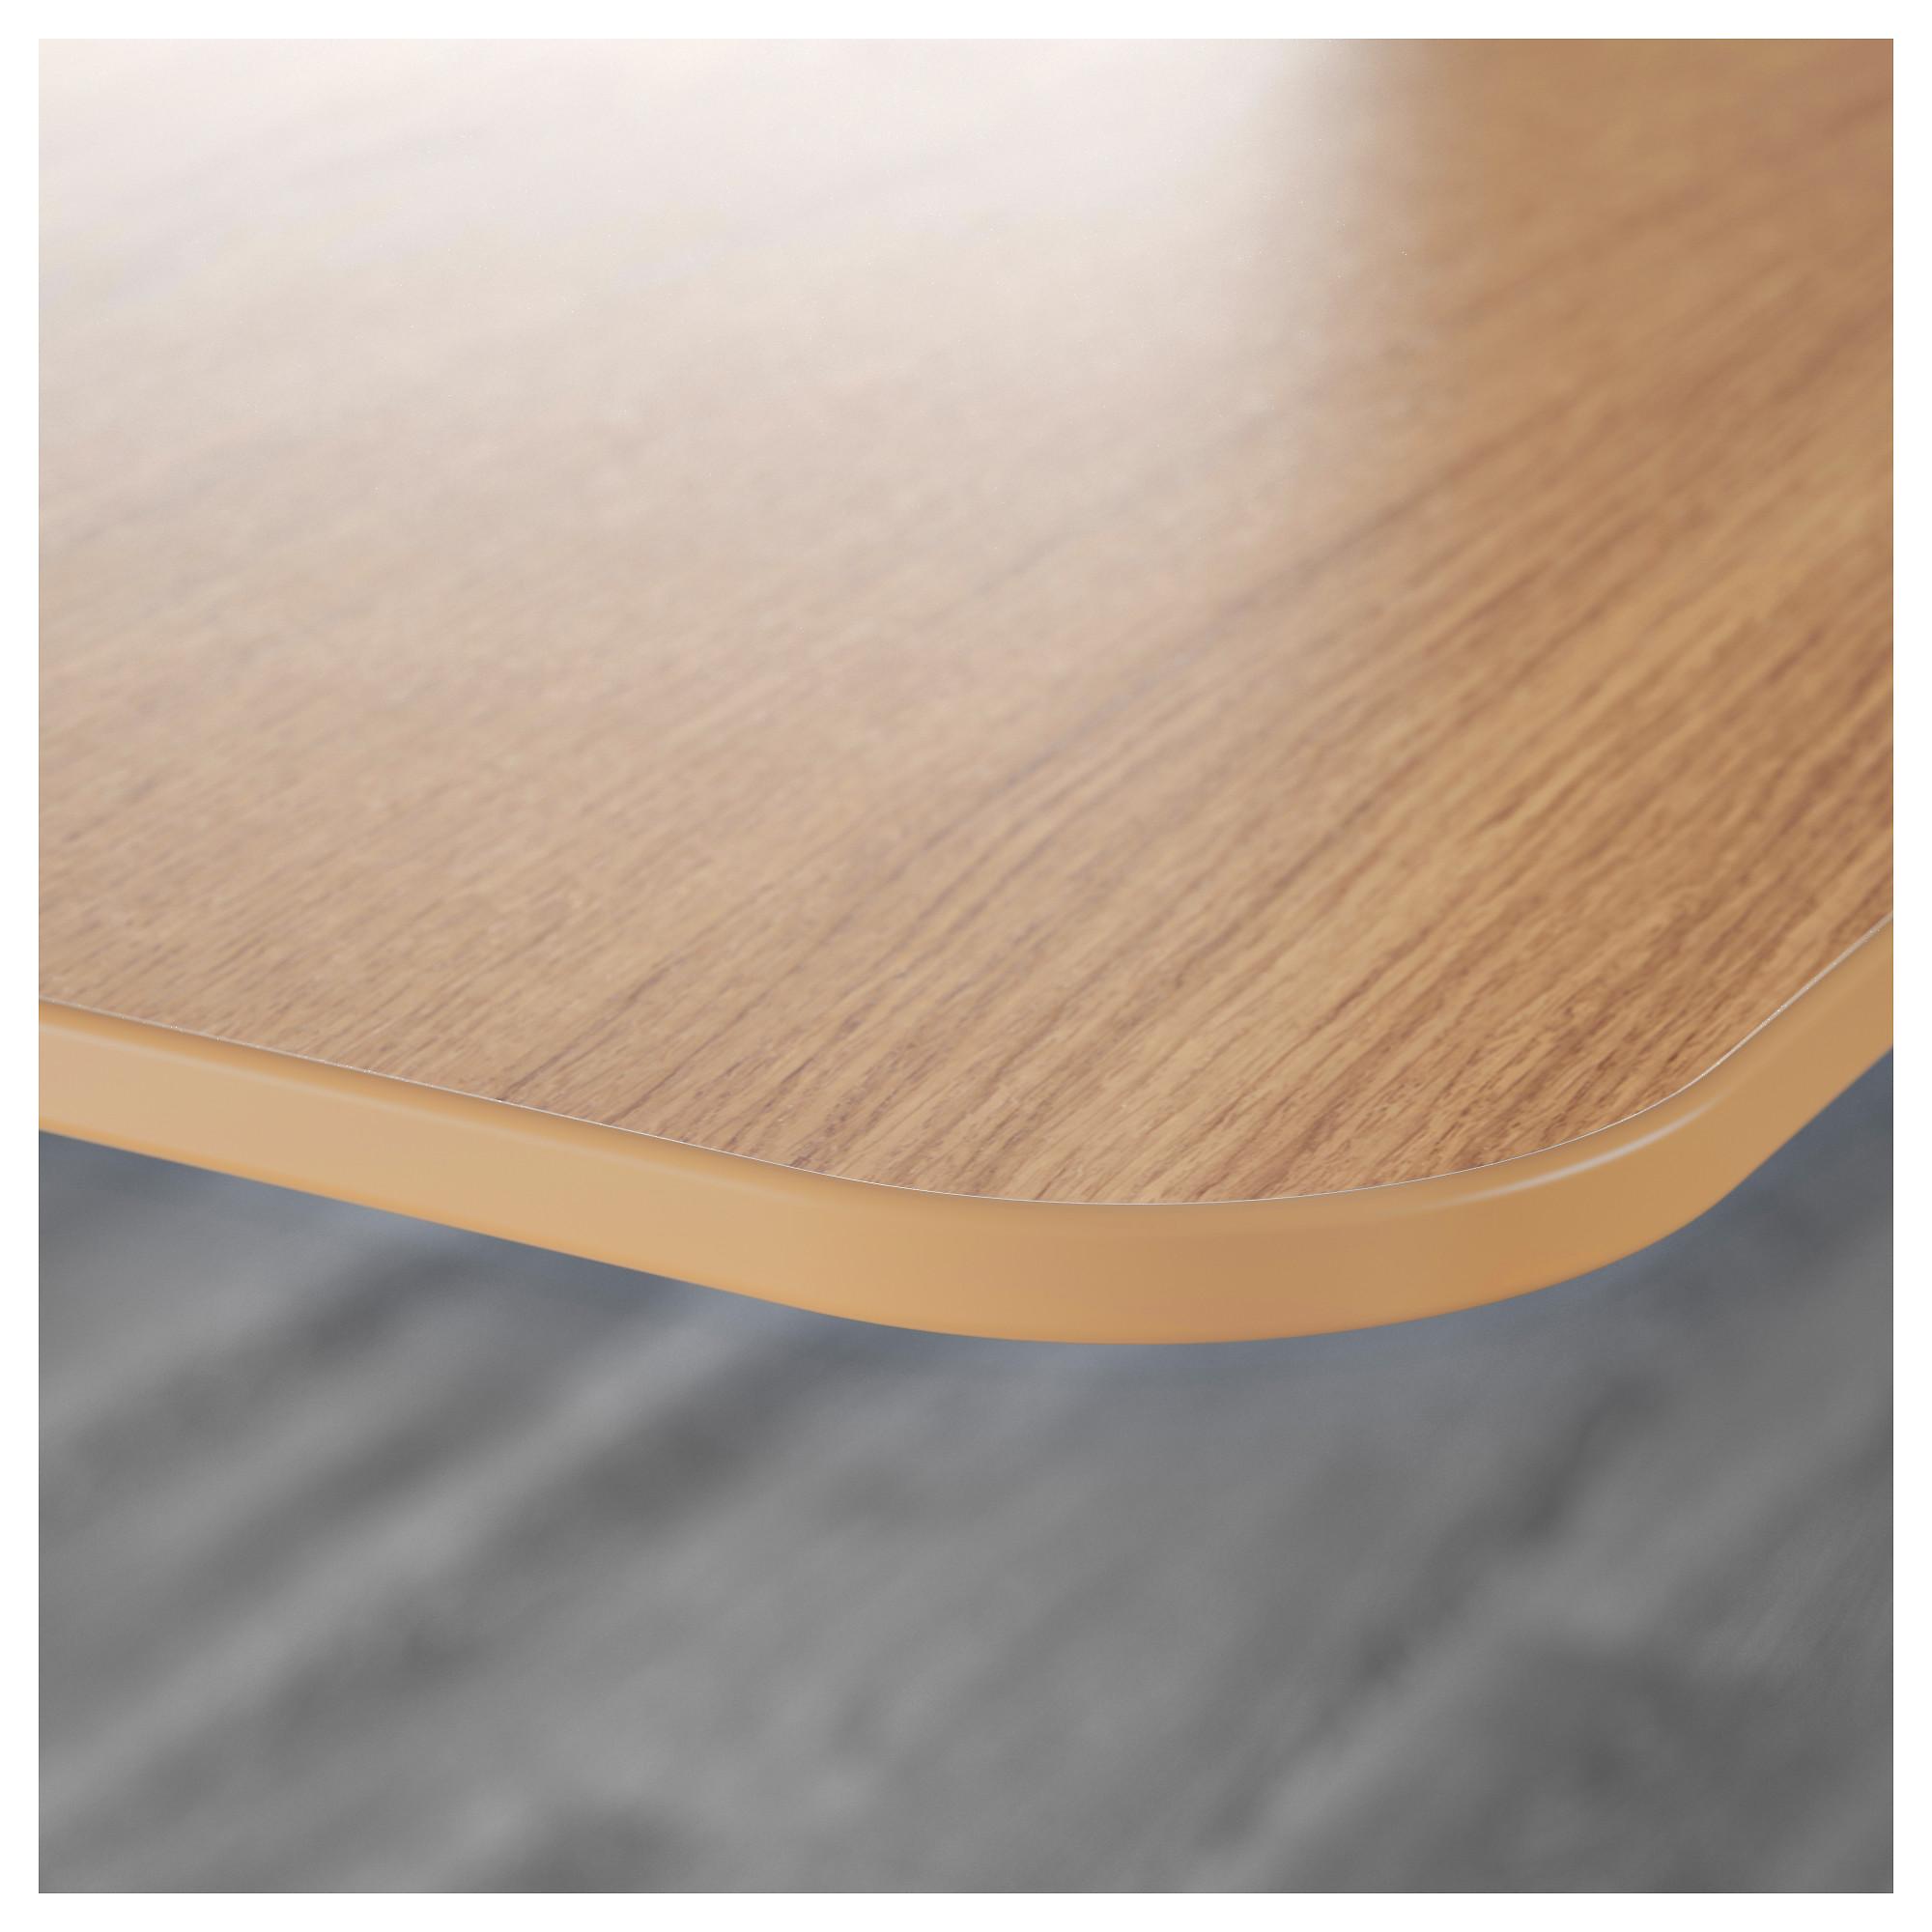 Стол для приемной БЕКАНТ белый артикуль № 092.786.49 в наличии. Интернет магазин IKEA Республика Беларусь. Недорогая доставка и установка.